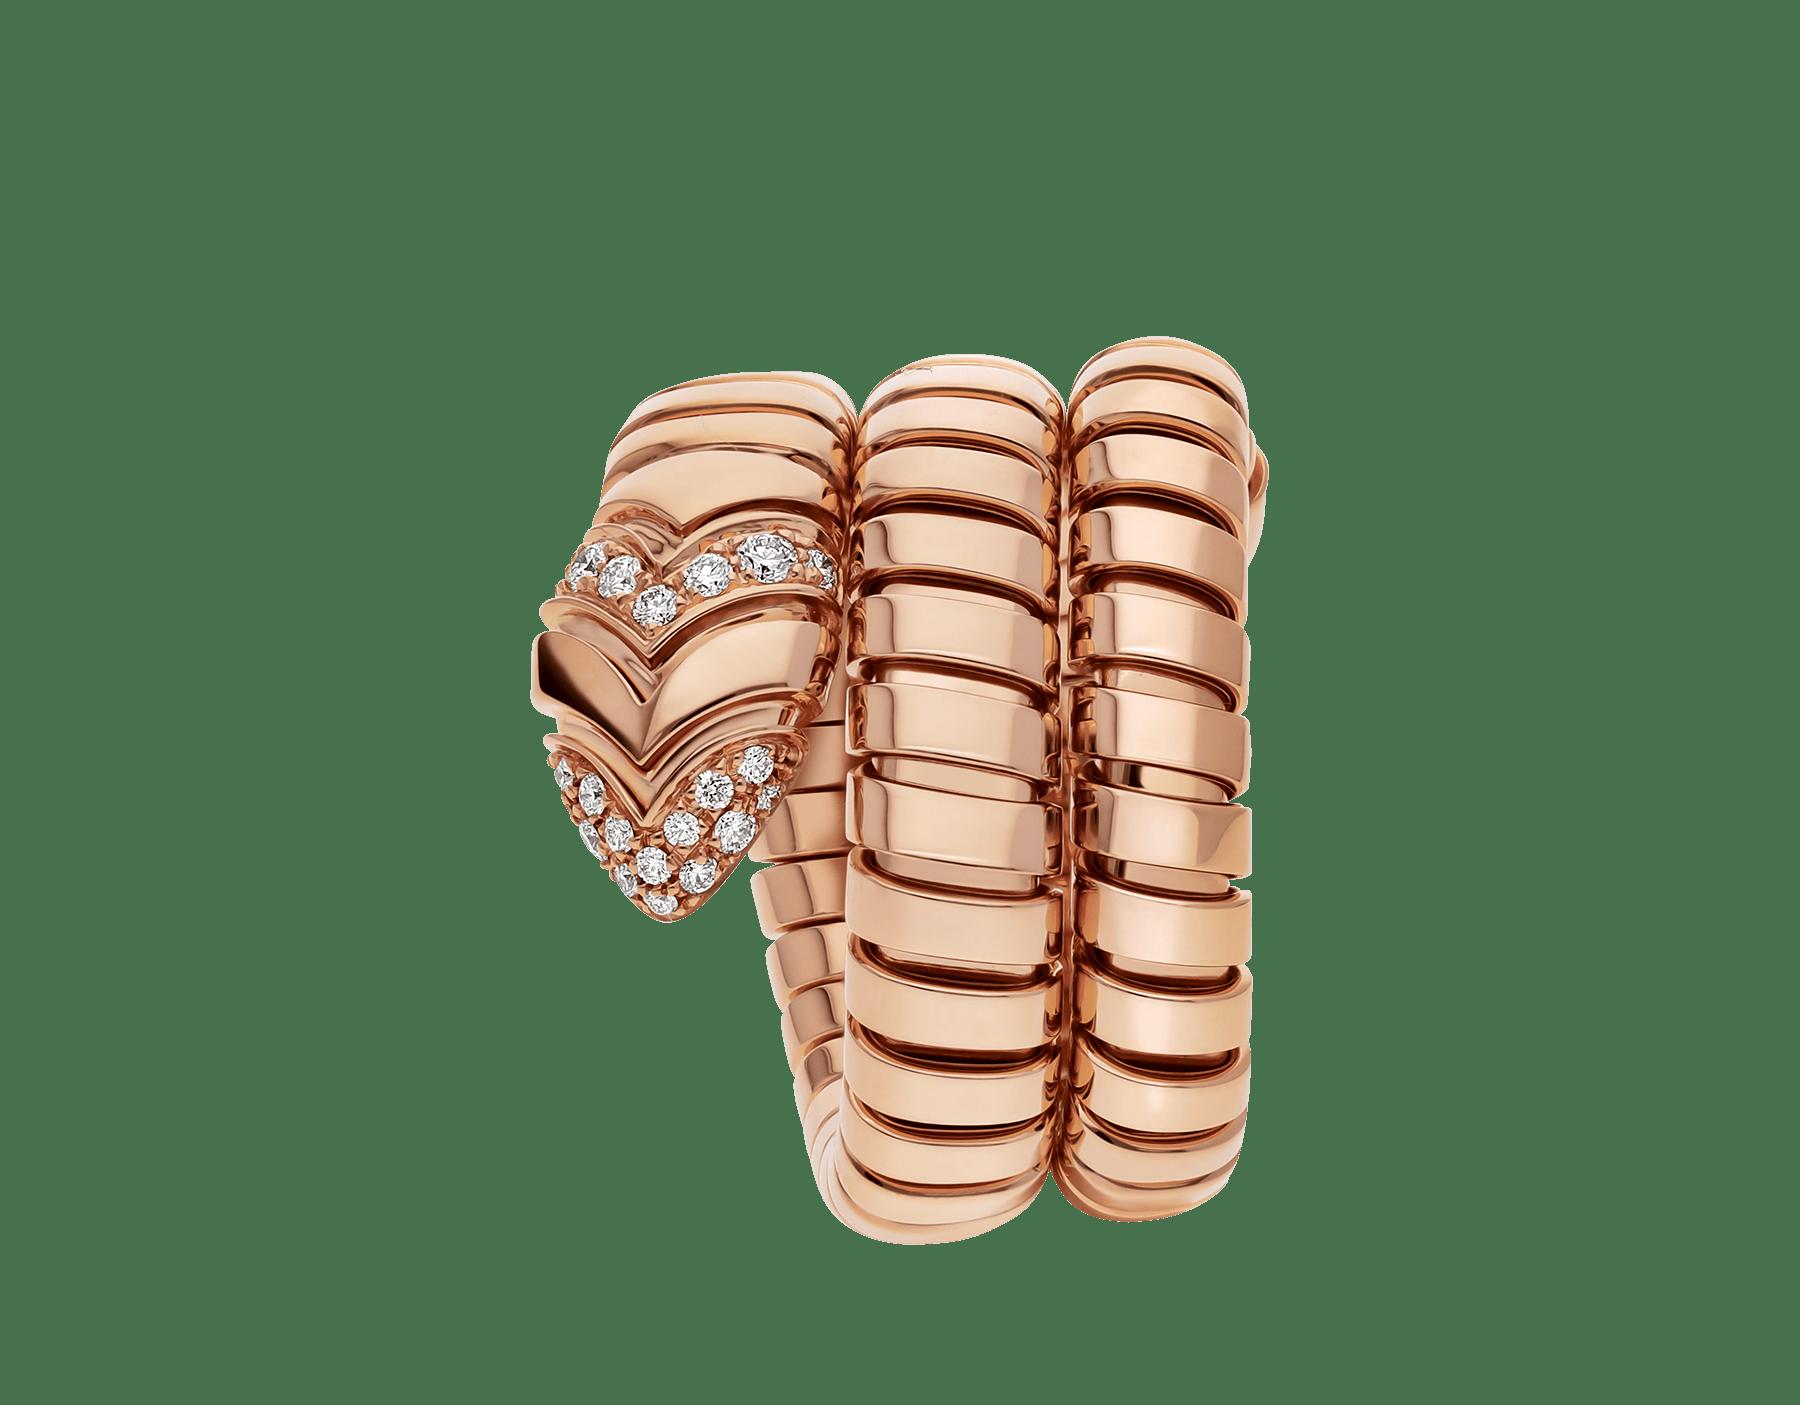 Associant le motif du serpent à la technique Tubogas pour créer une nouvelle forme de séduction, la bague Serpenti s'enroule autour du doigt avec la féminité de l'or rose et le glamour éclatant du pavé diamants. AN856571 image 2